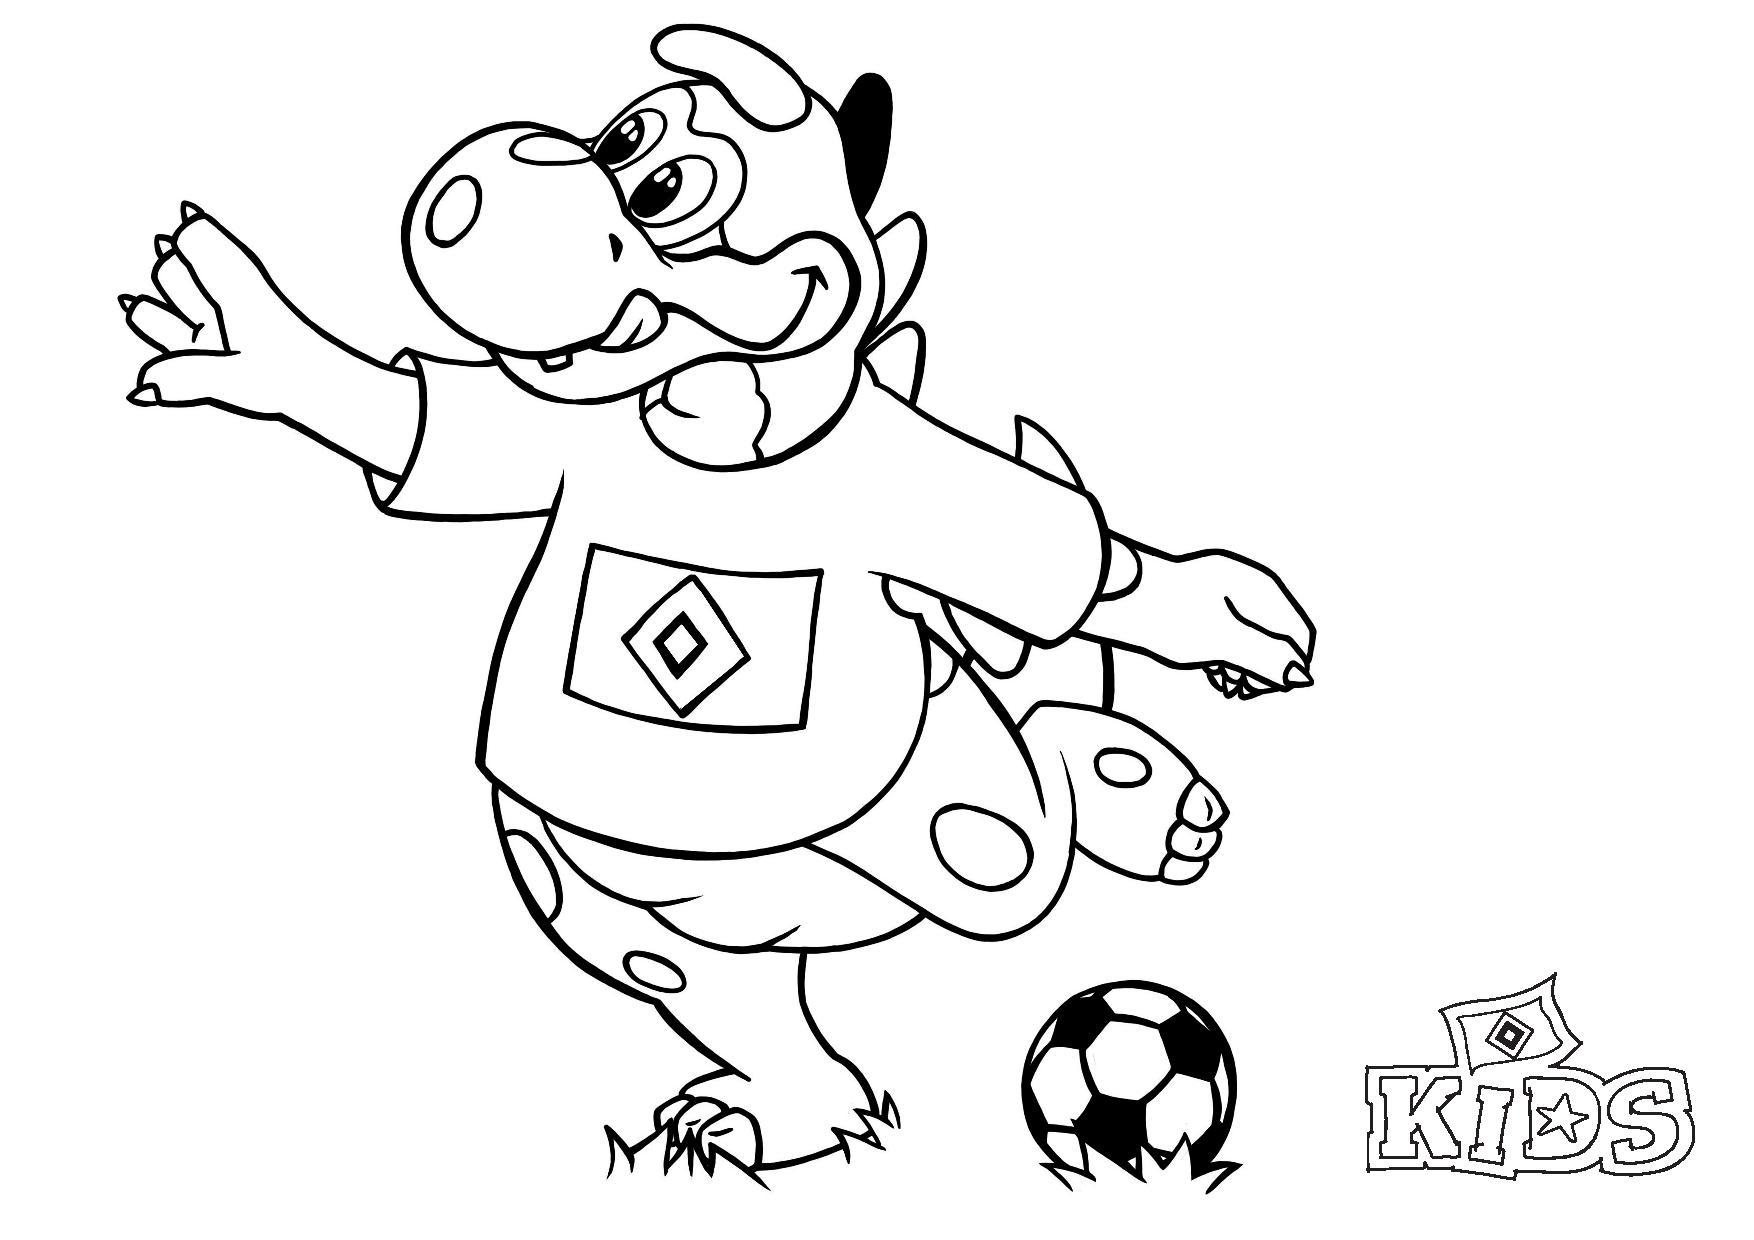 Tolle Dino-Ausmalbilder Für Zu Hause | HSV De